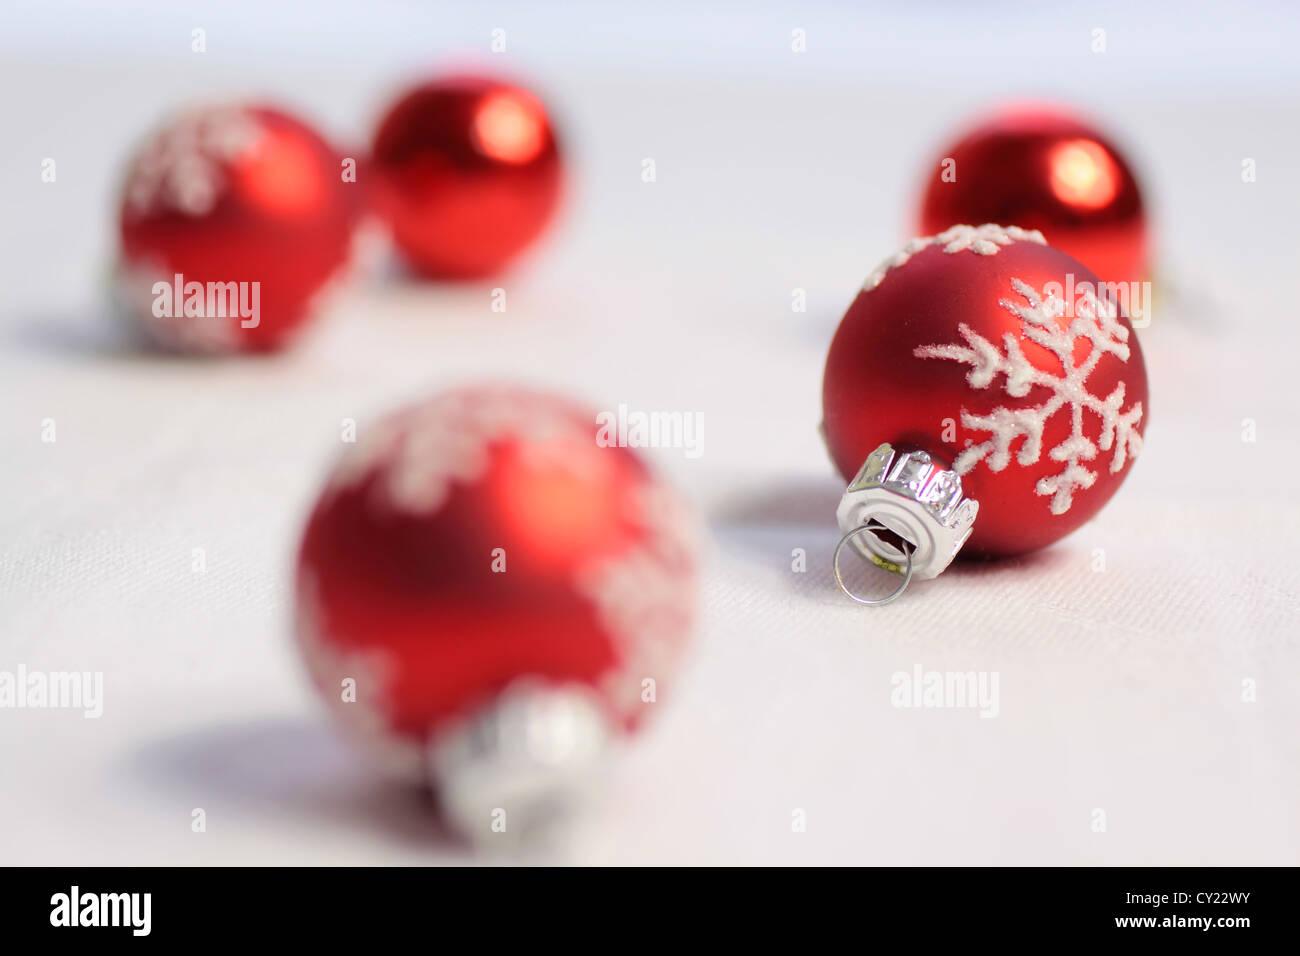 Kleine rote Weihnachtskugeln auf einer weißen Tischdecke Stockbild